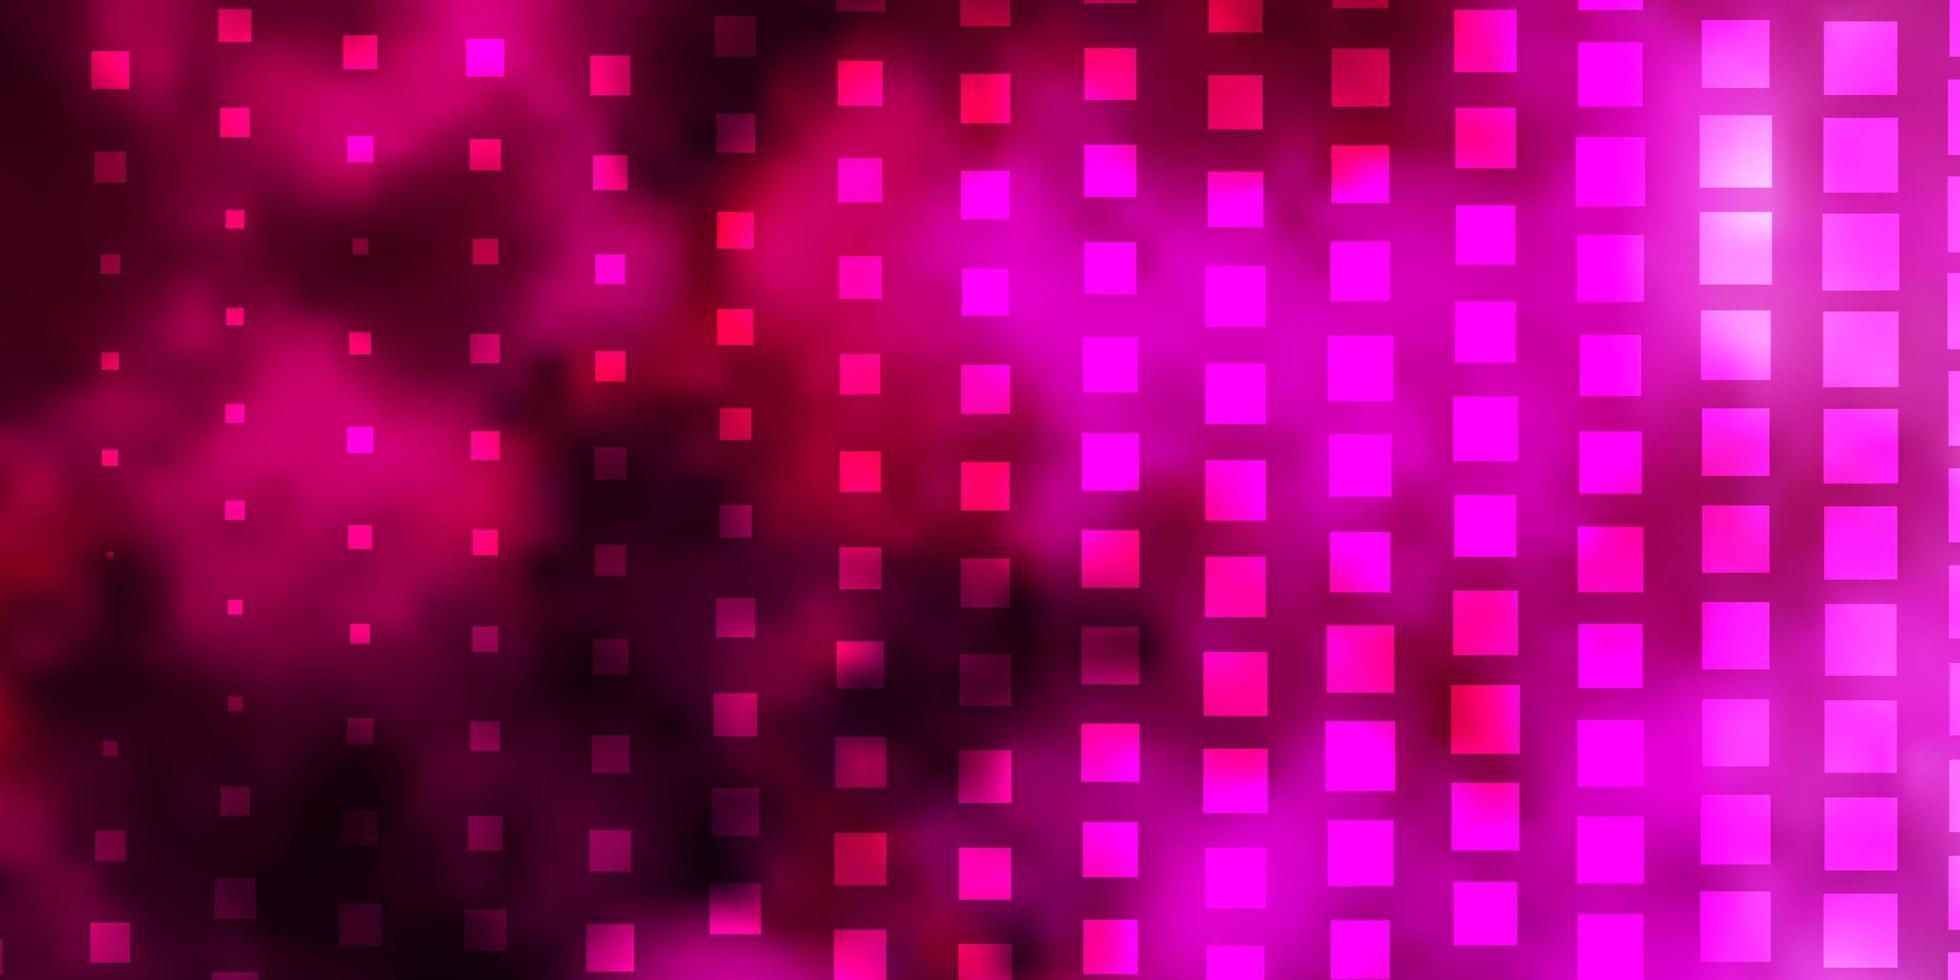 mörkrosa bakgrund med rektanglar. vektor